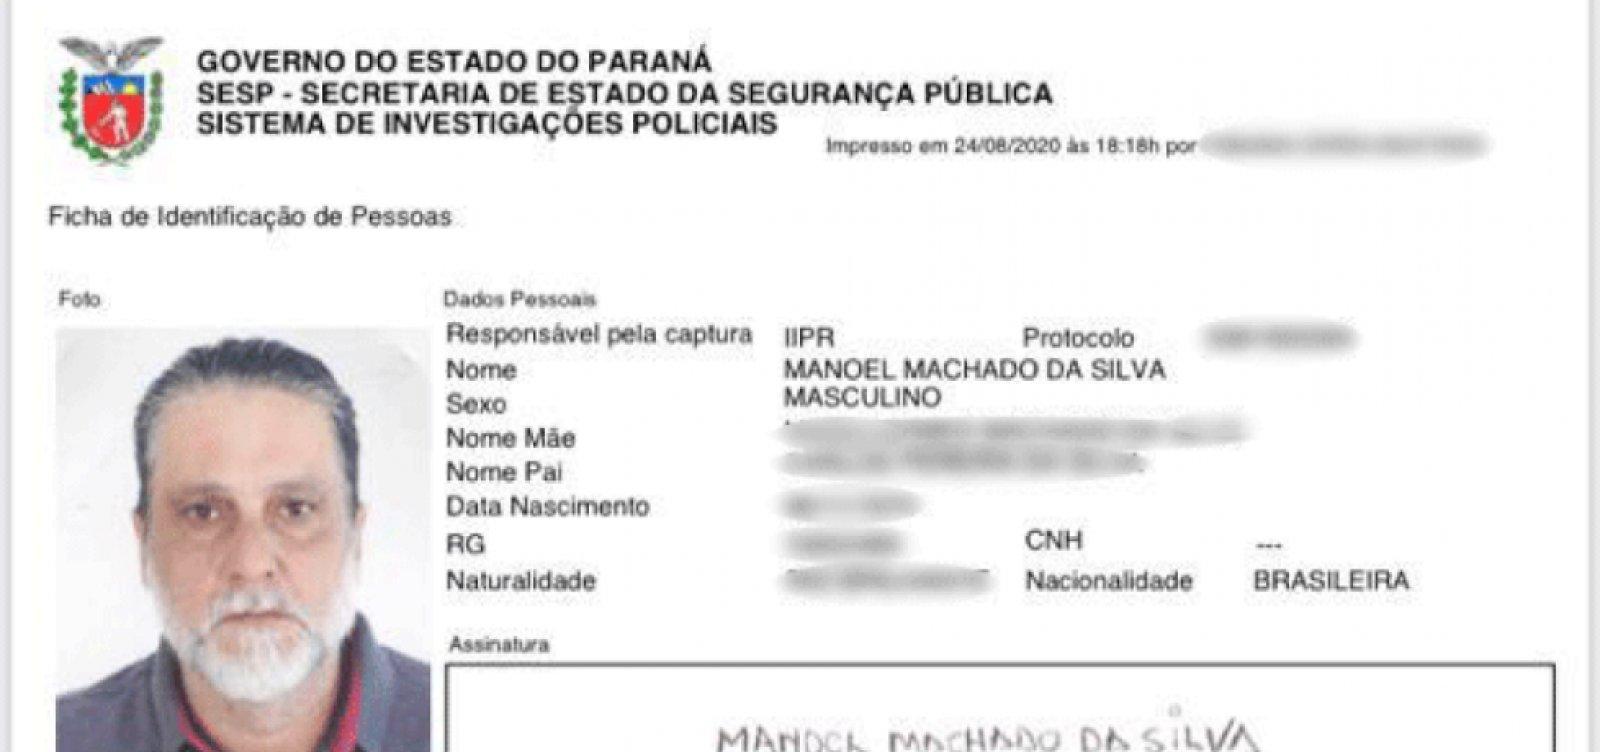 [Acusado de assassinar ator Rafael Miguel e os pais dele fez RG falso no Paraná]